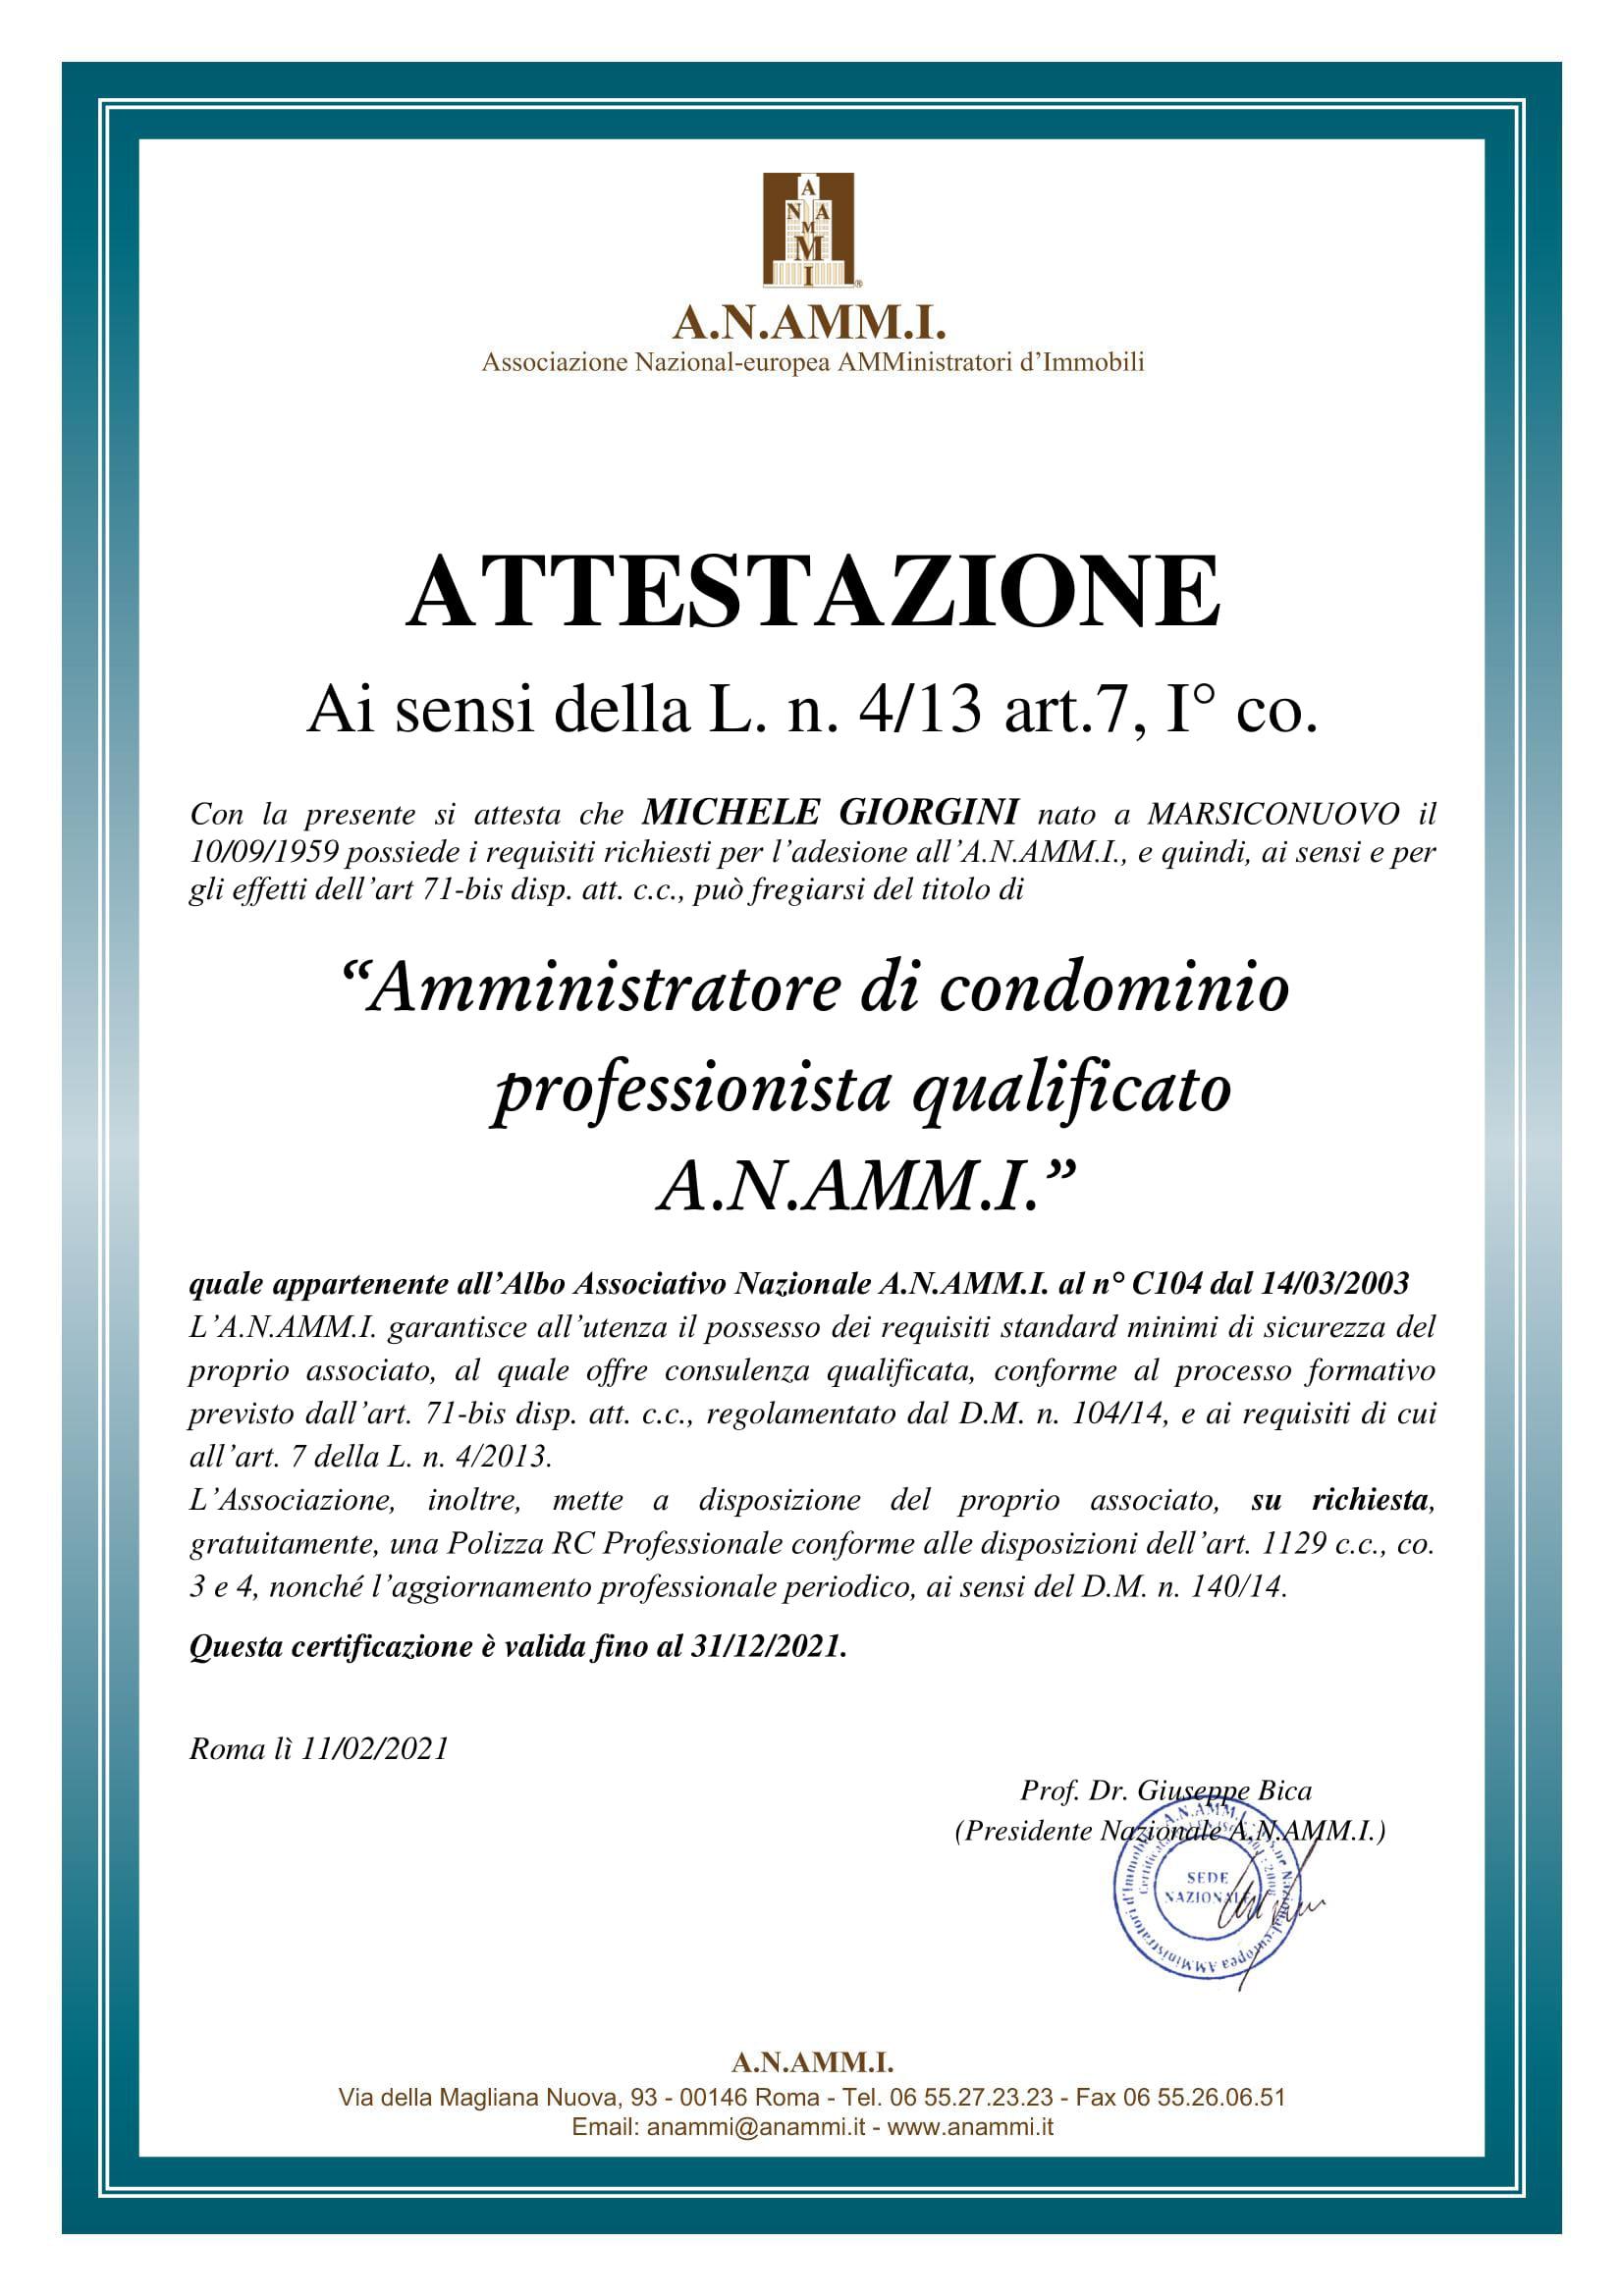 Attestato Iscr. 2021 ANAMMI M.G.-1